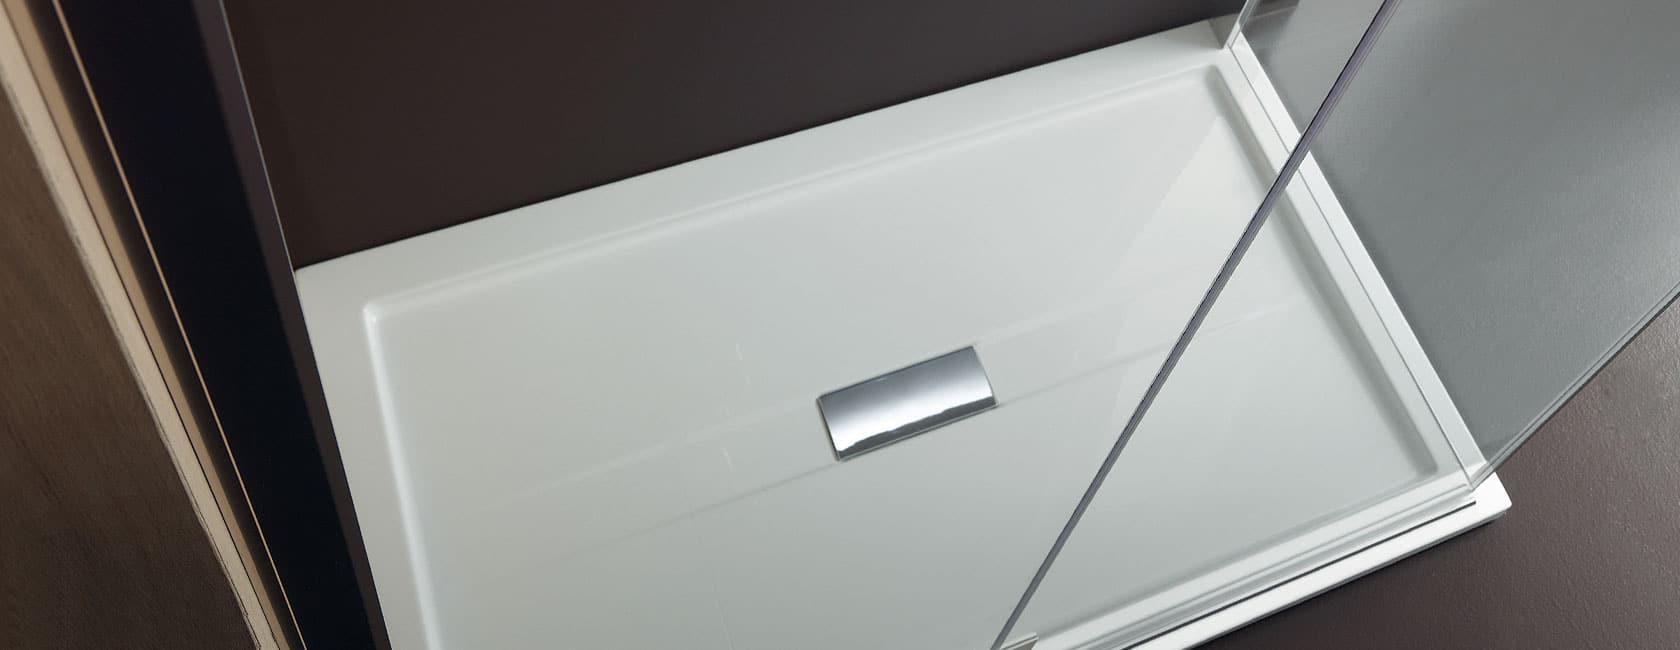 Piatto doccia 80x120 tipo di installazione e offerte online - Piatto doccia 140x90 ...